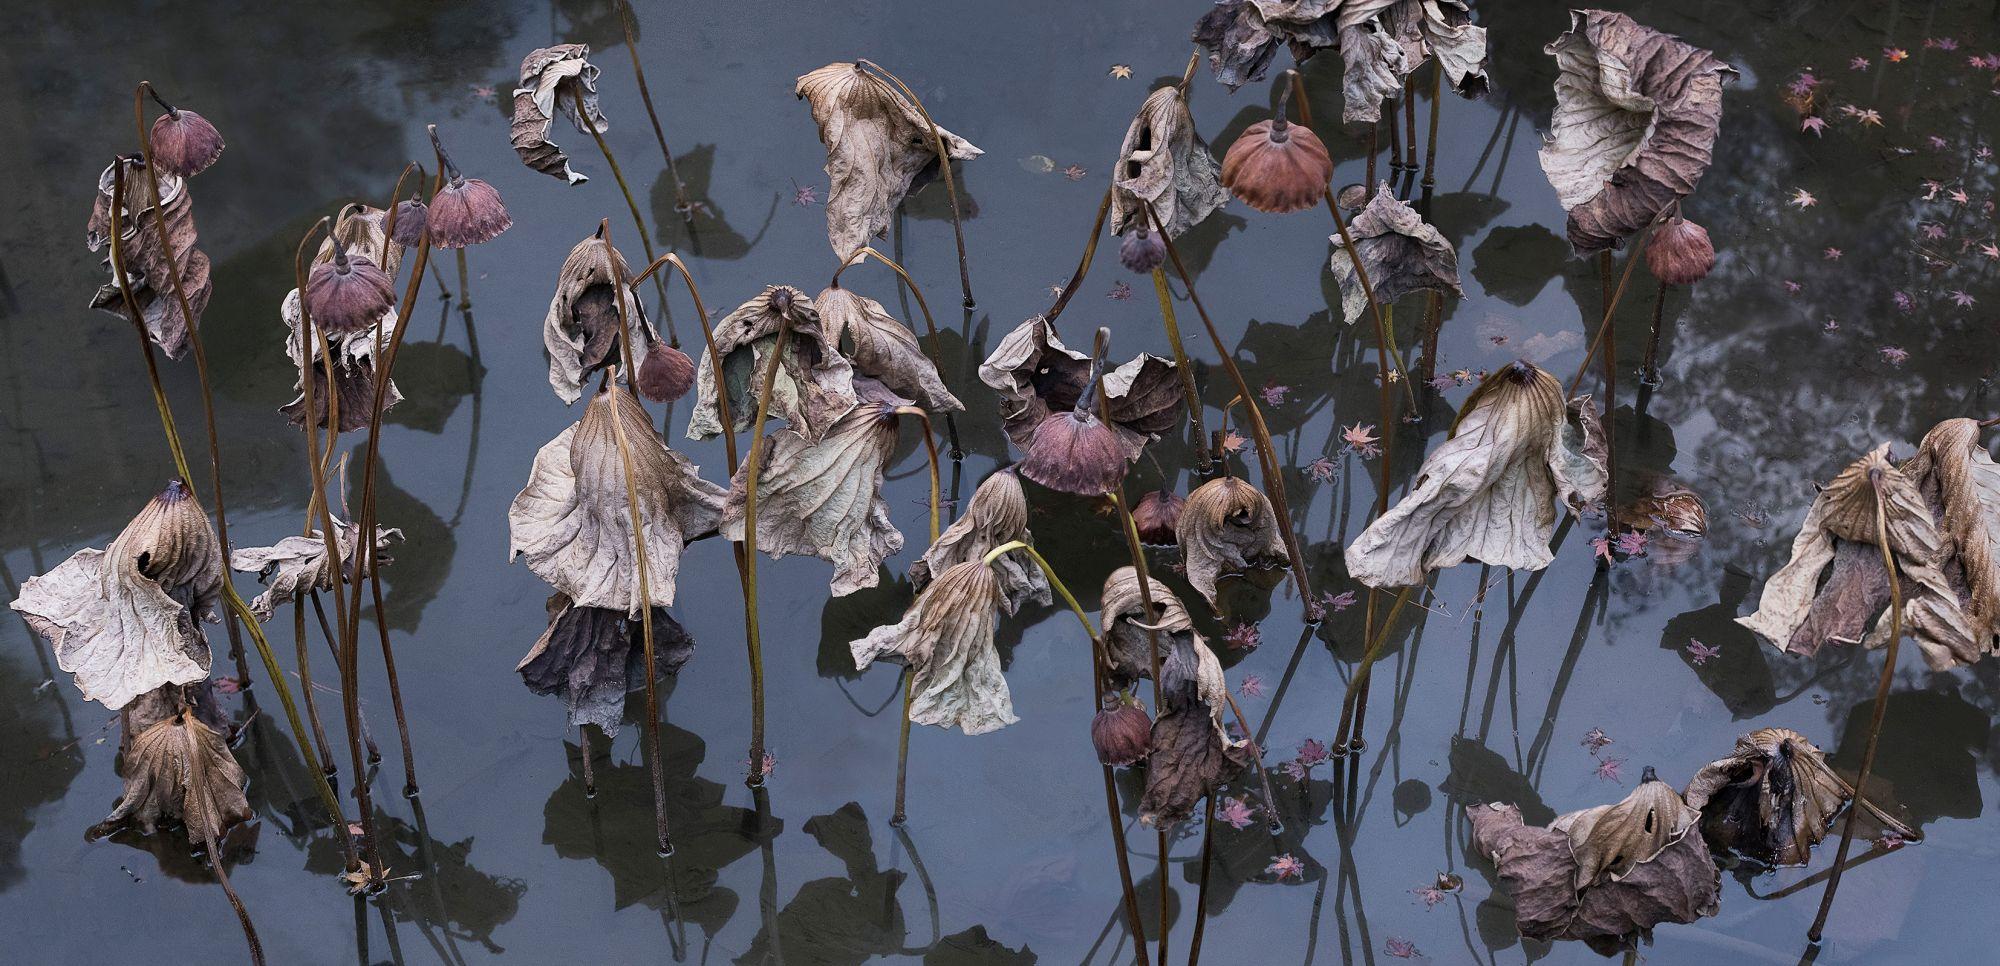 雲門藝廊展出林百里攝影作品《留得殘荷聽雨聲》